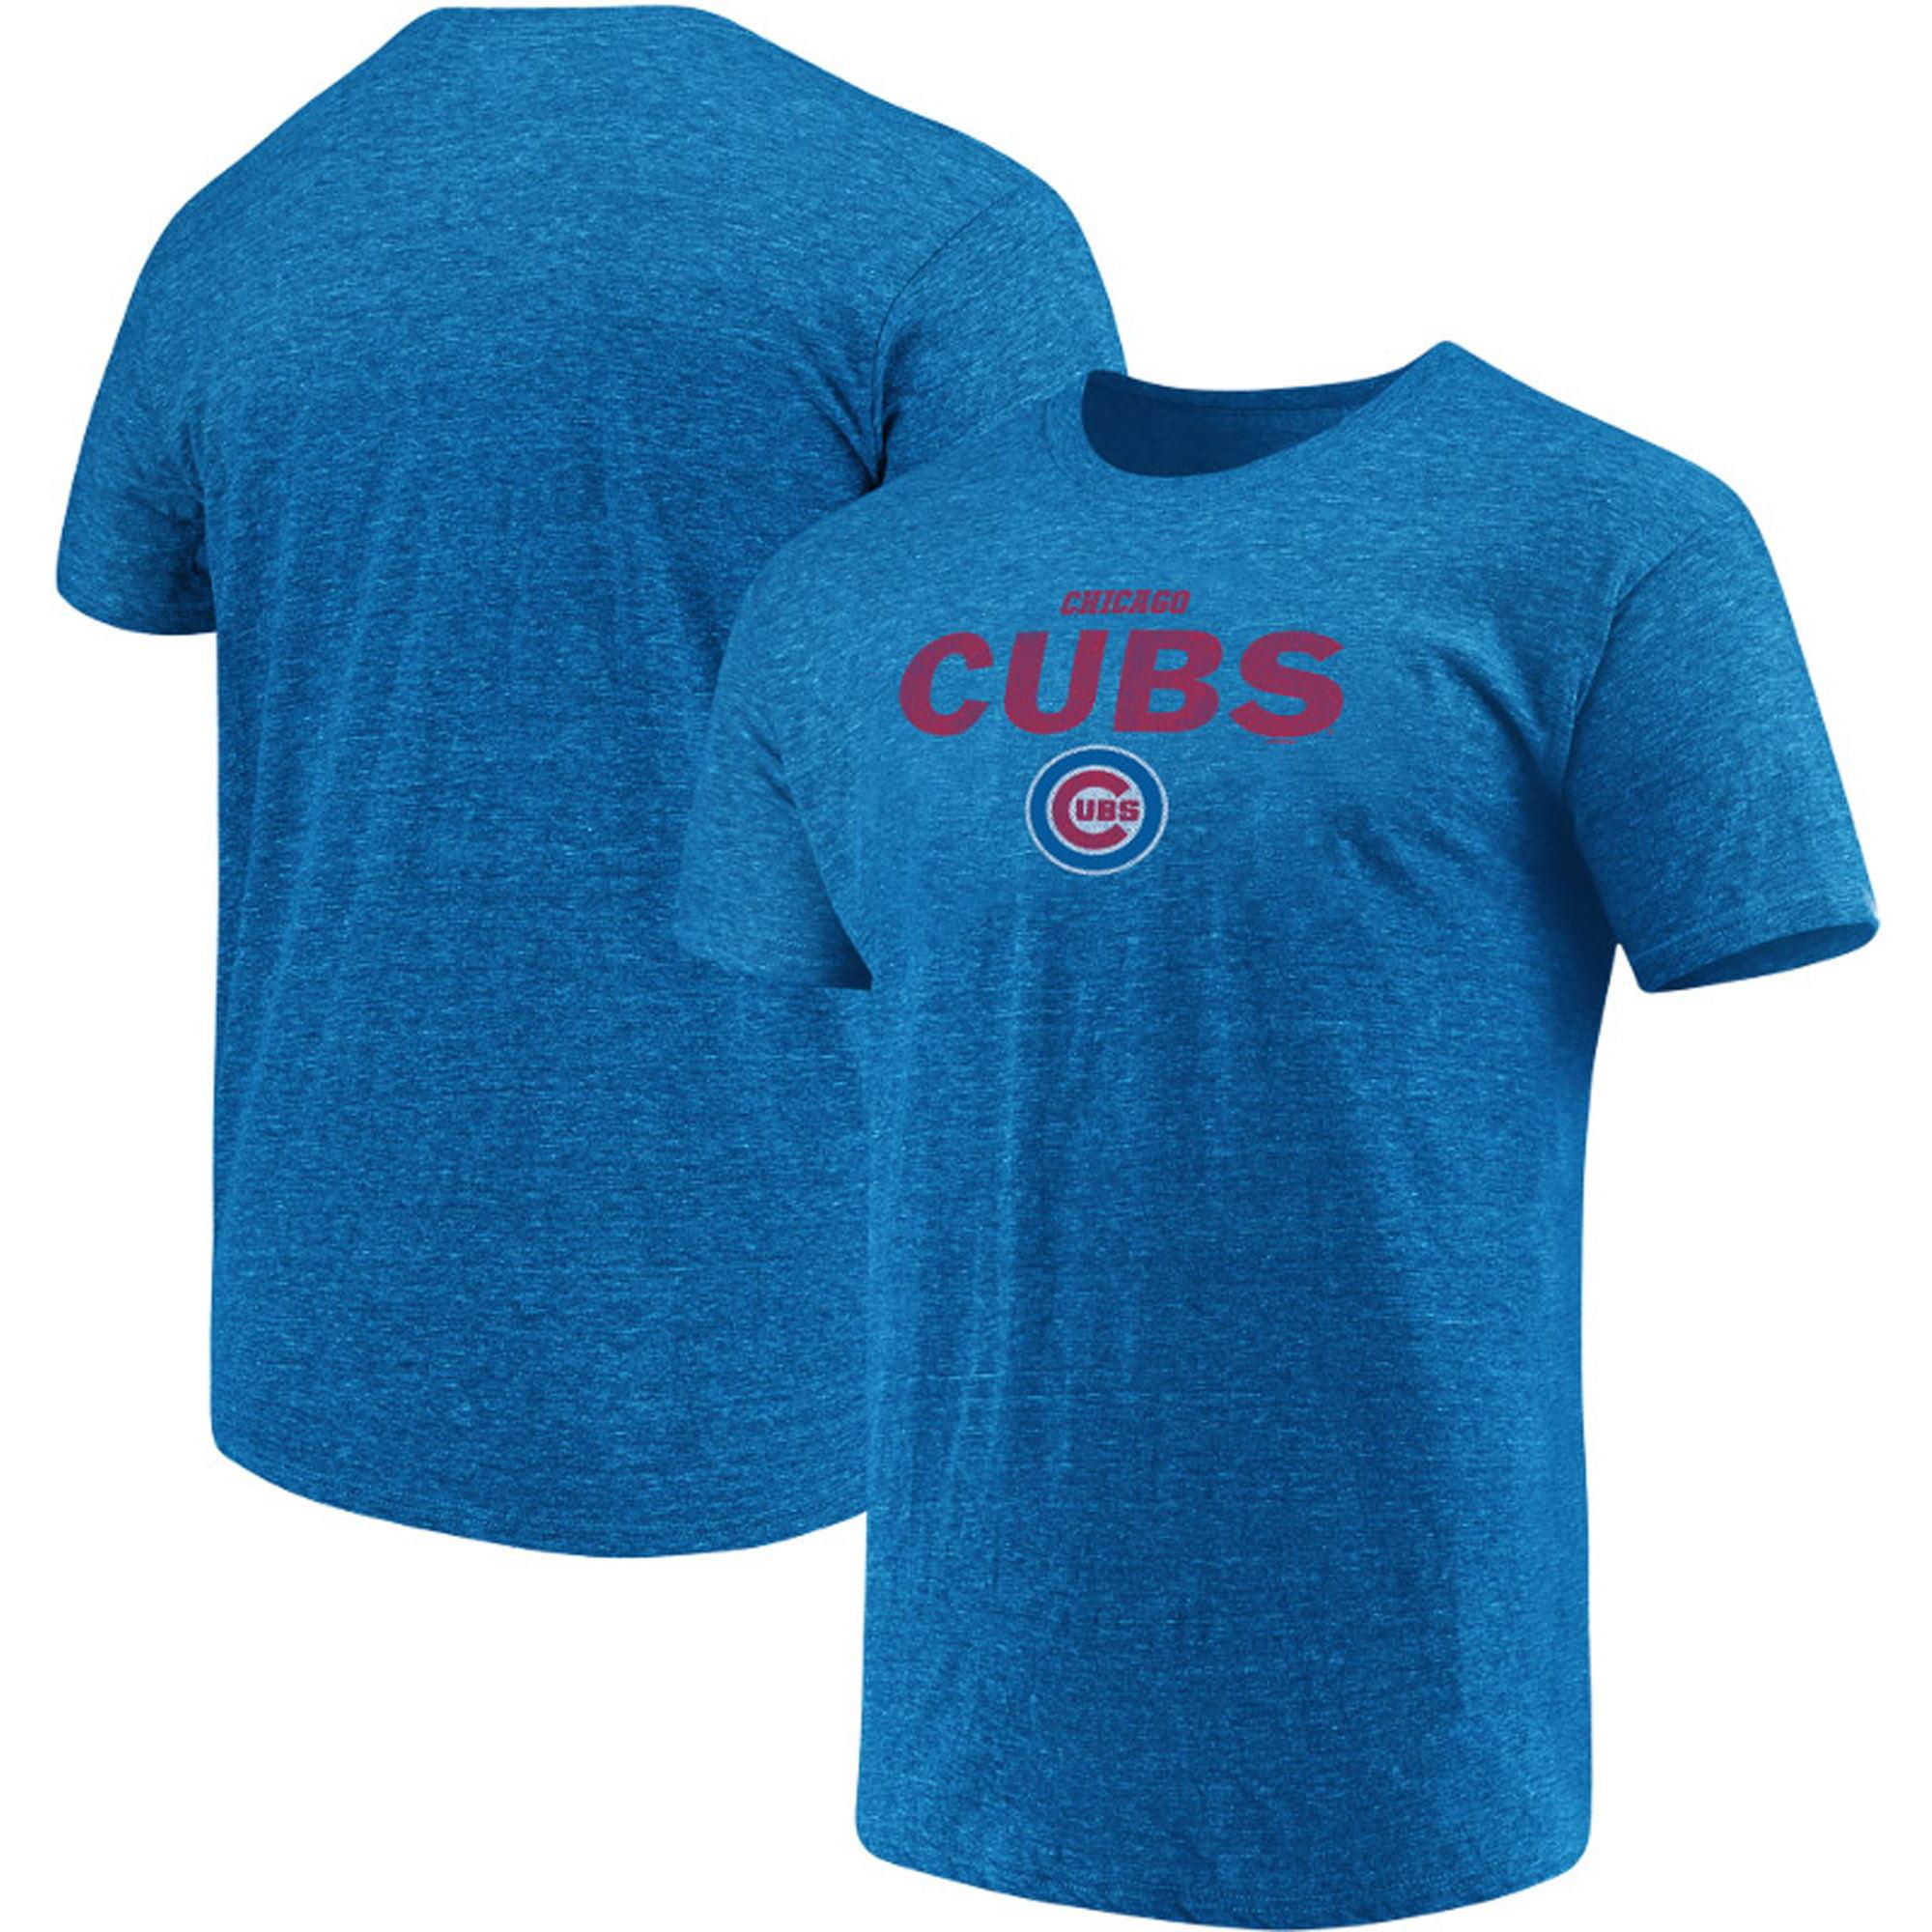 9c7dea3154f Chicago Cubs Team Shop - Walmart.com